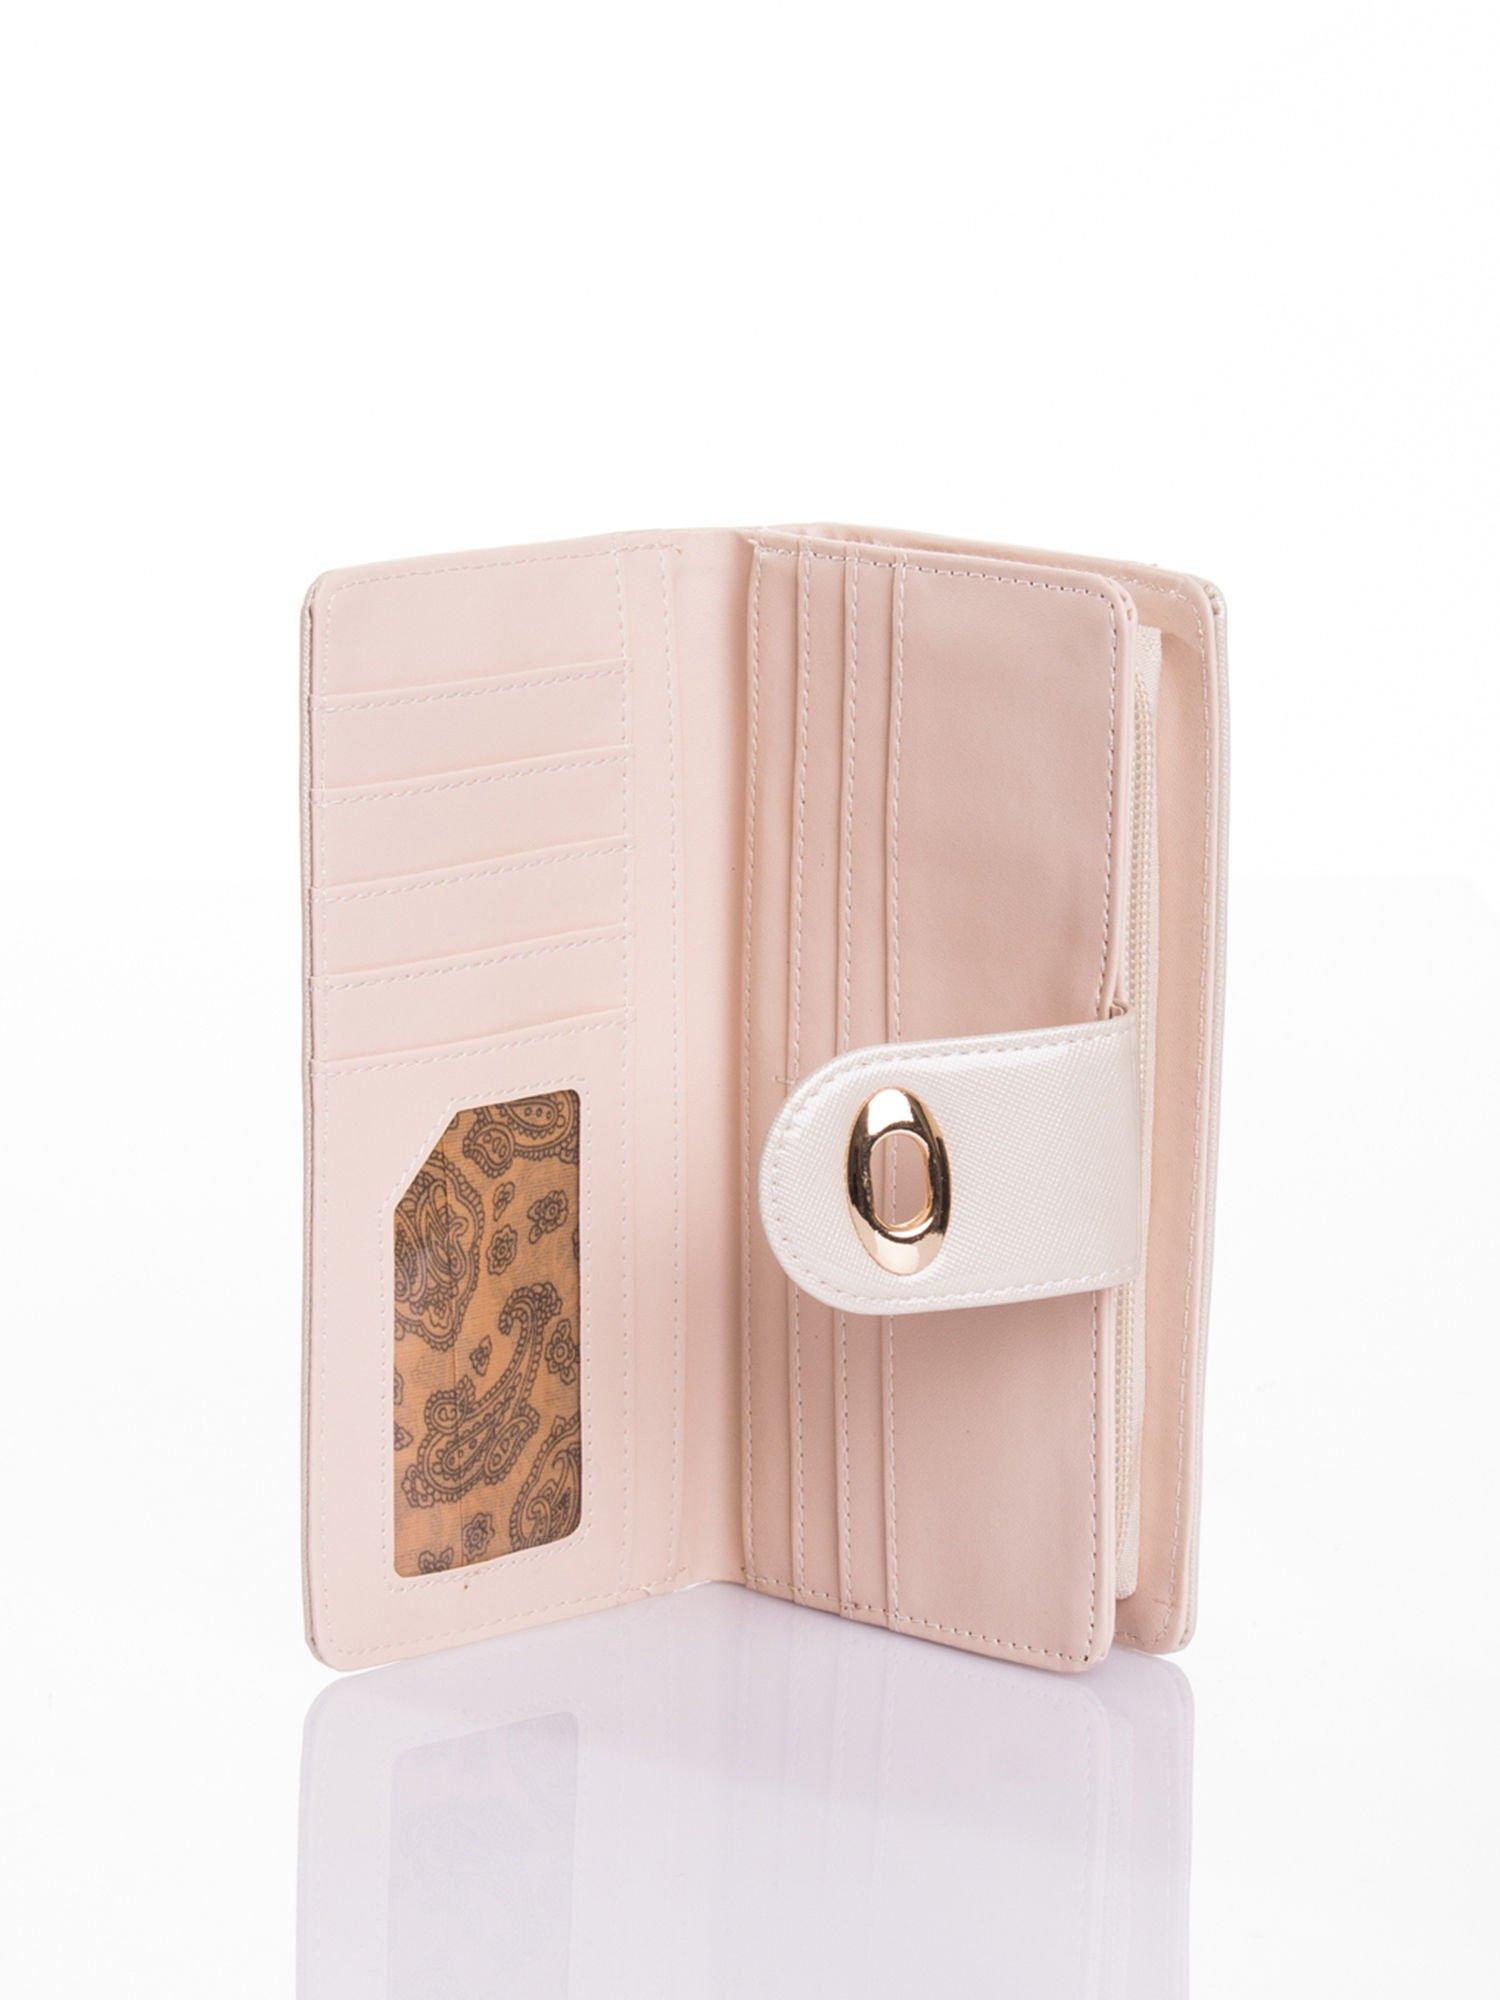 Kremowy portfel ze złotym zapięciem efekt skóry saffiano                                  zdj.                                  4